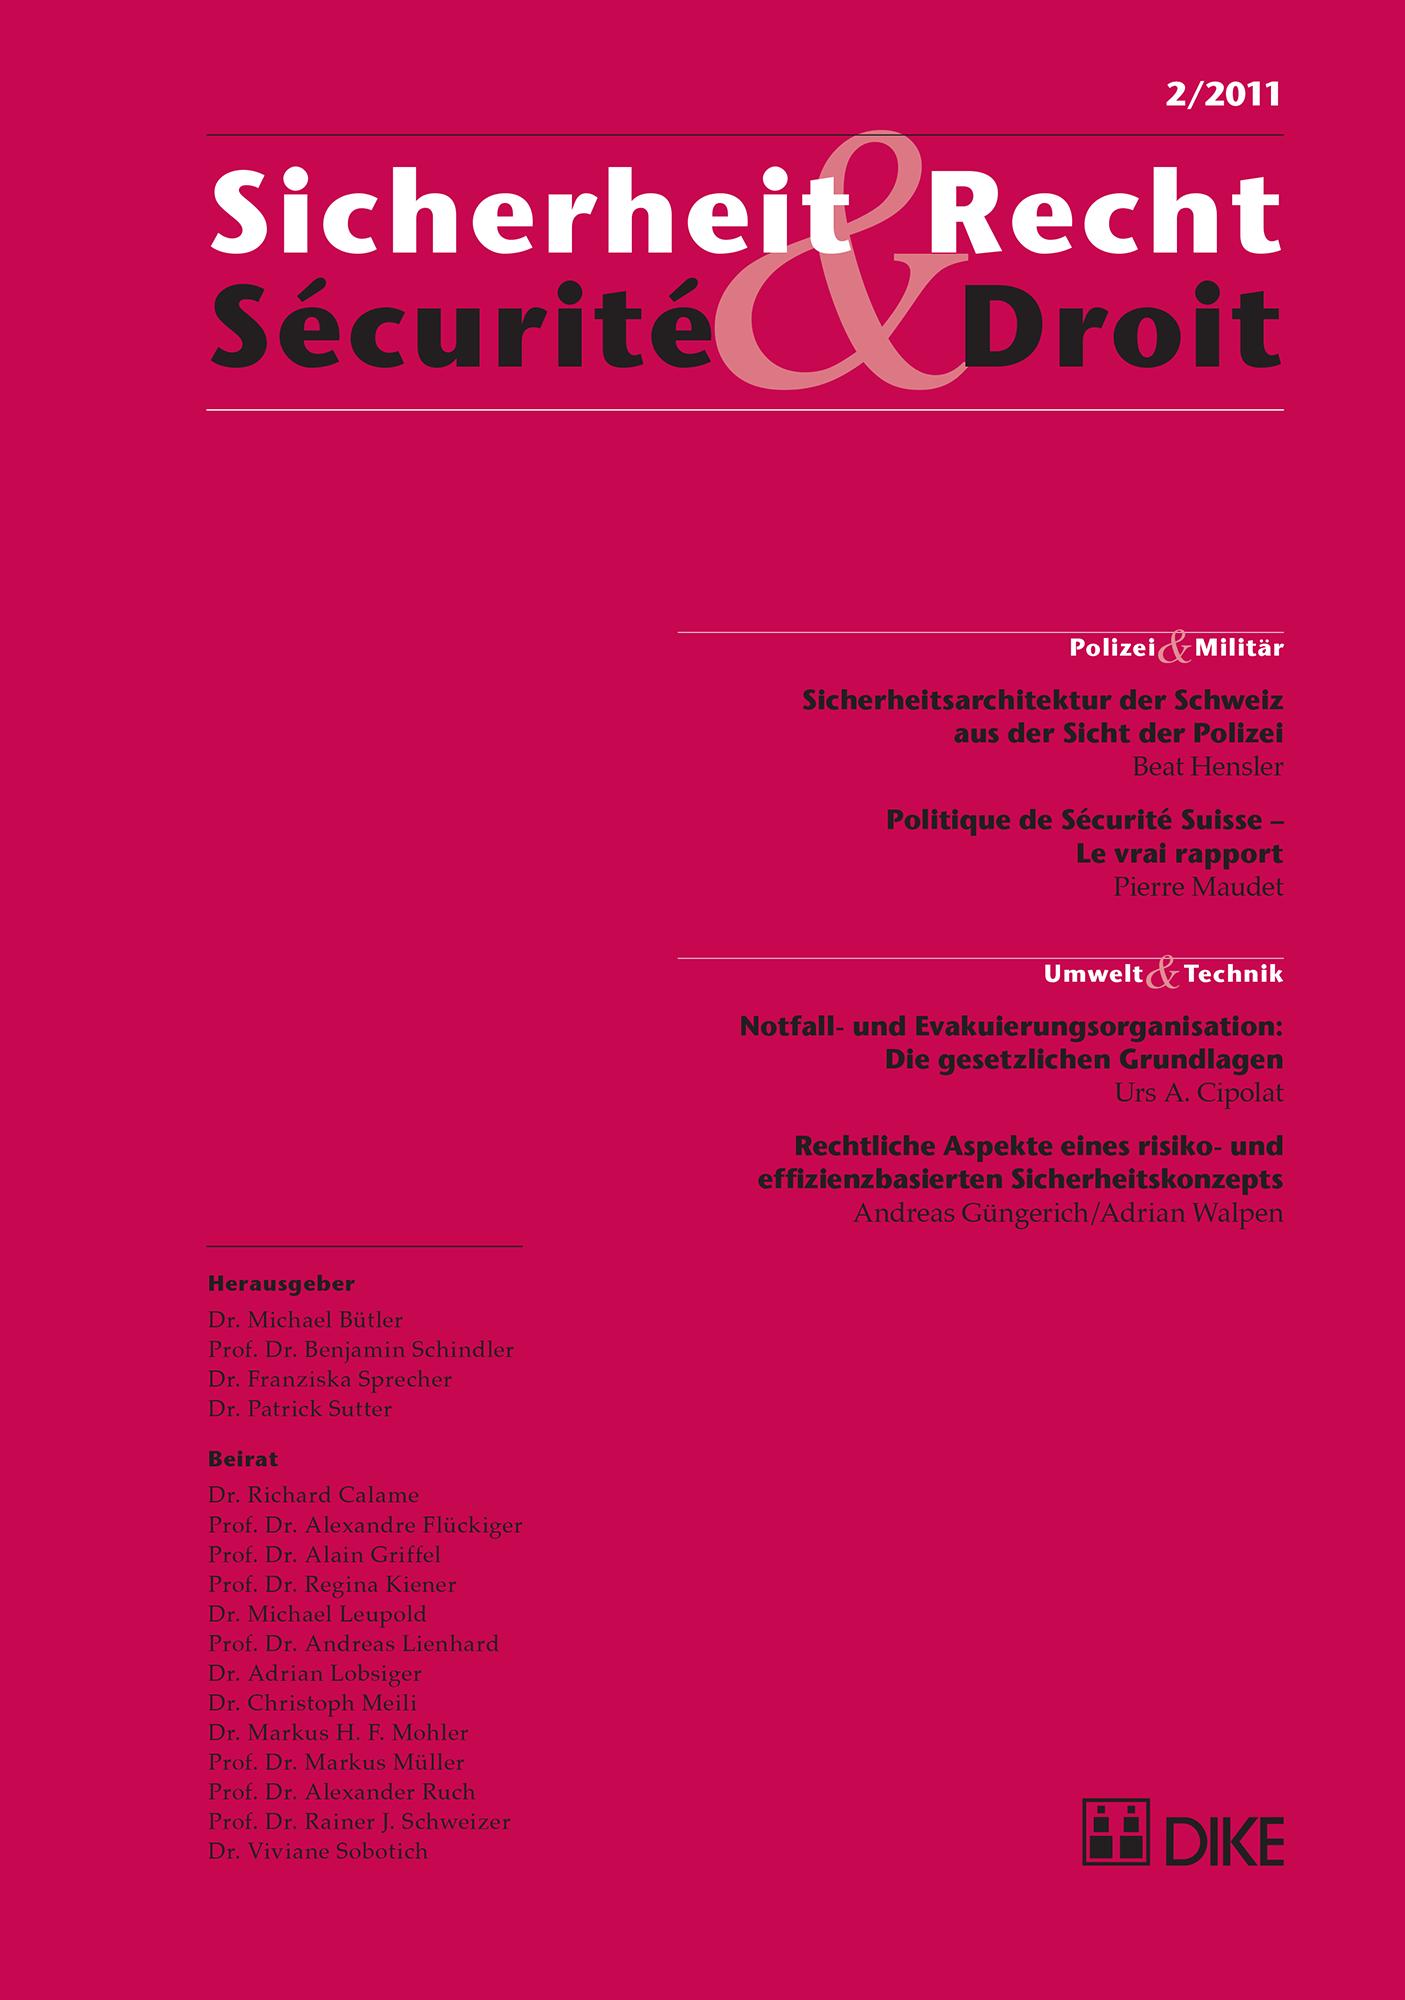 Sicherheit & Recht / Sécurité & Droit 02/2011